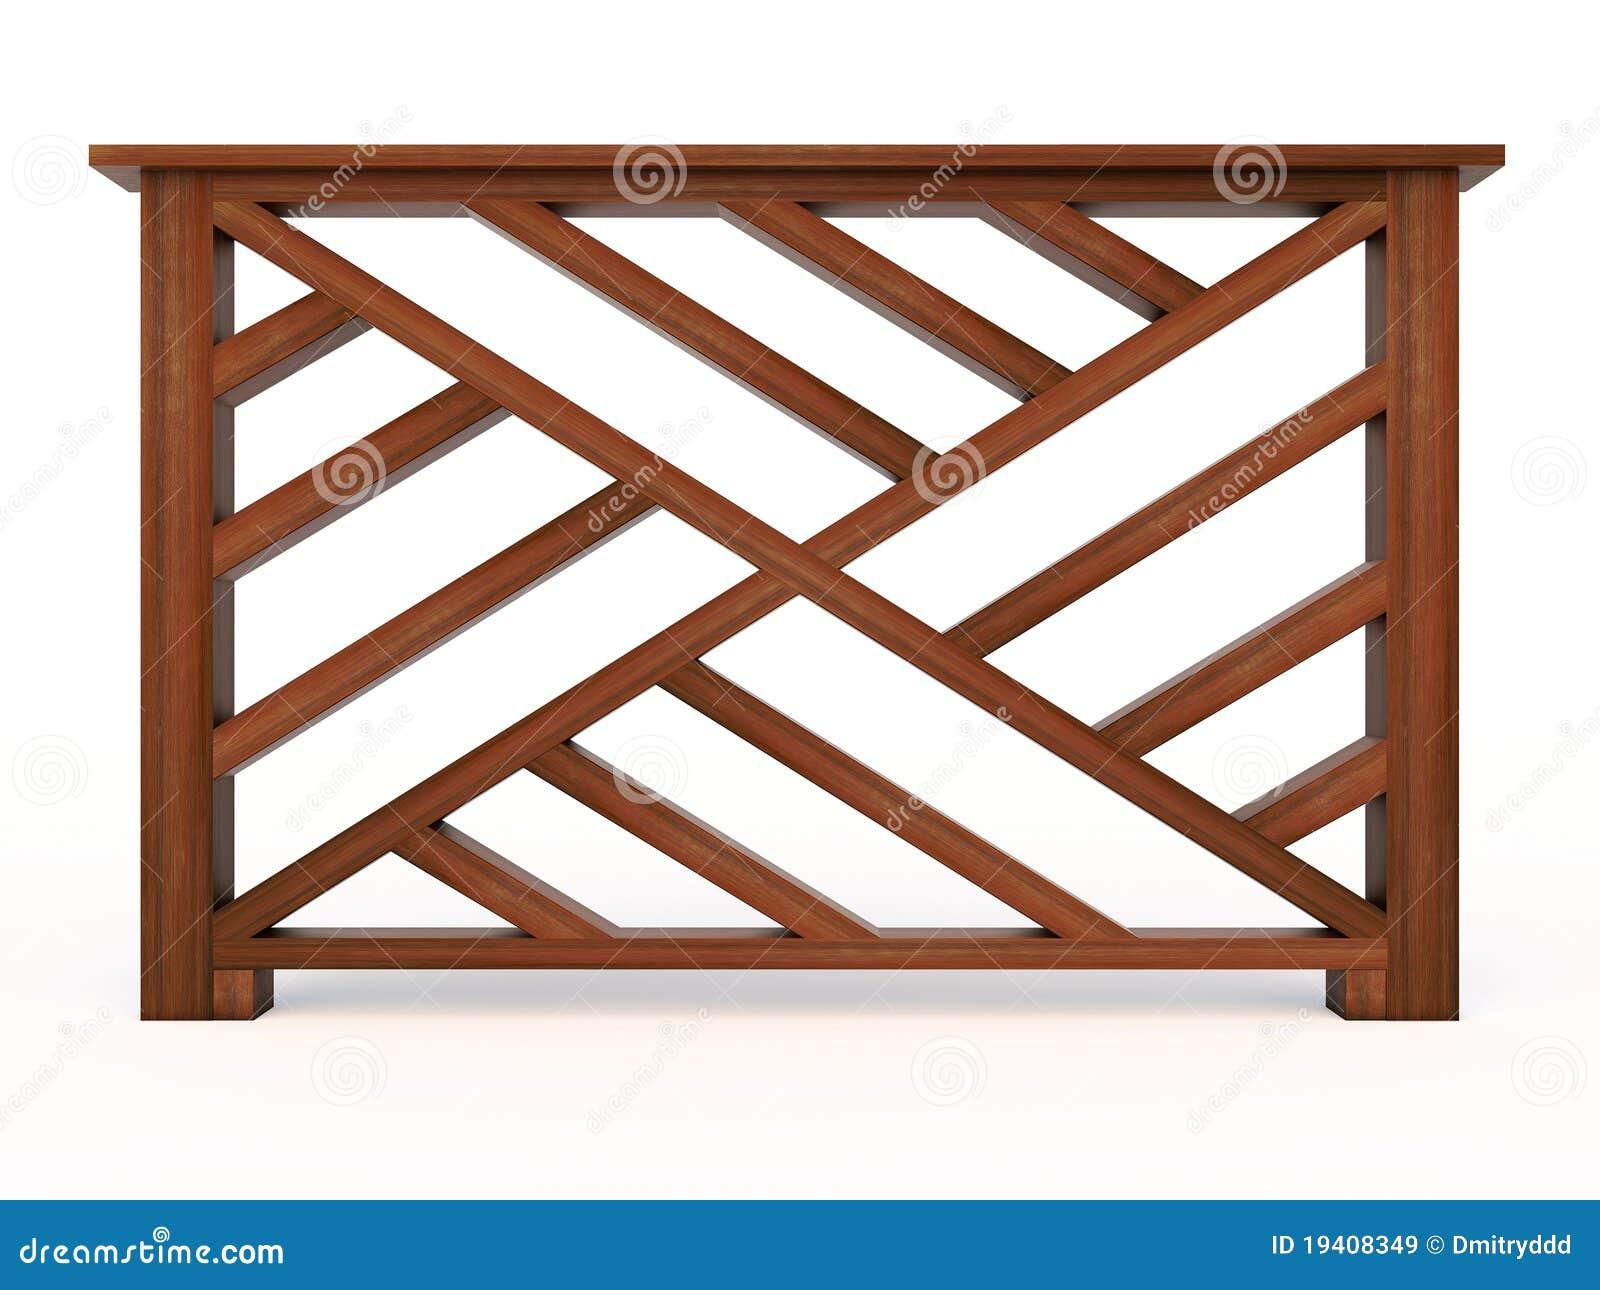 Pasamano de madera del dise o con balaustres de madera - Pasamano de madera ...